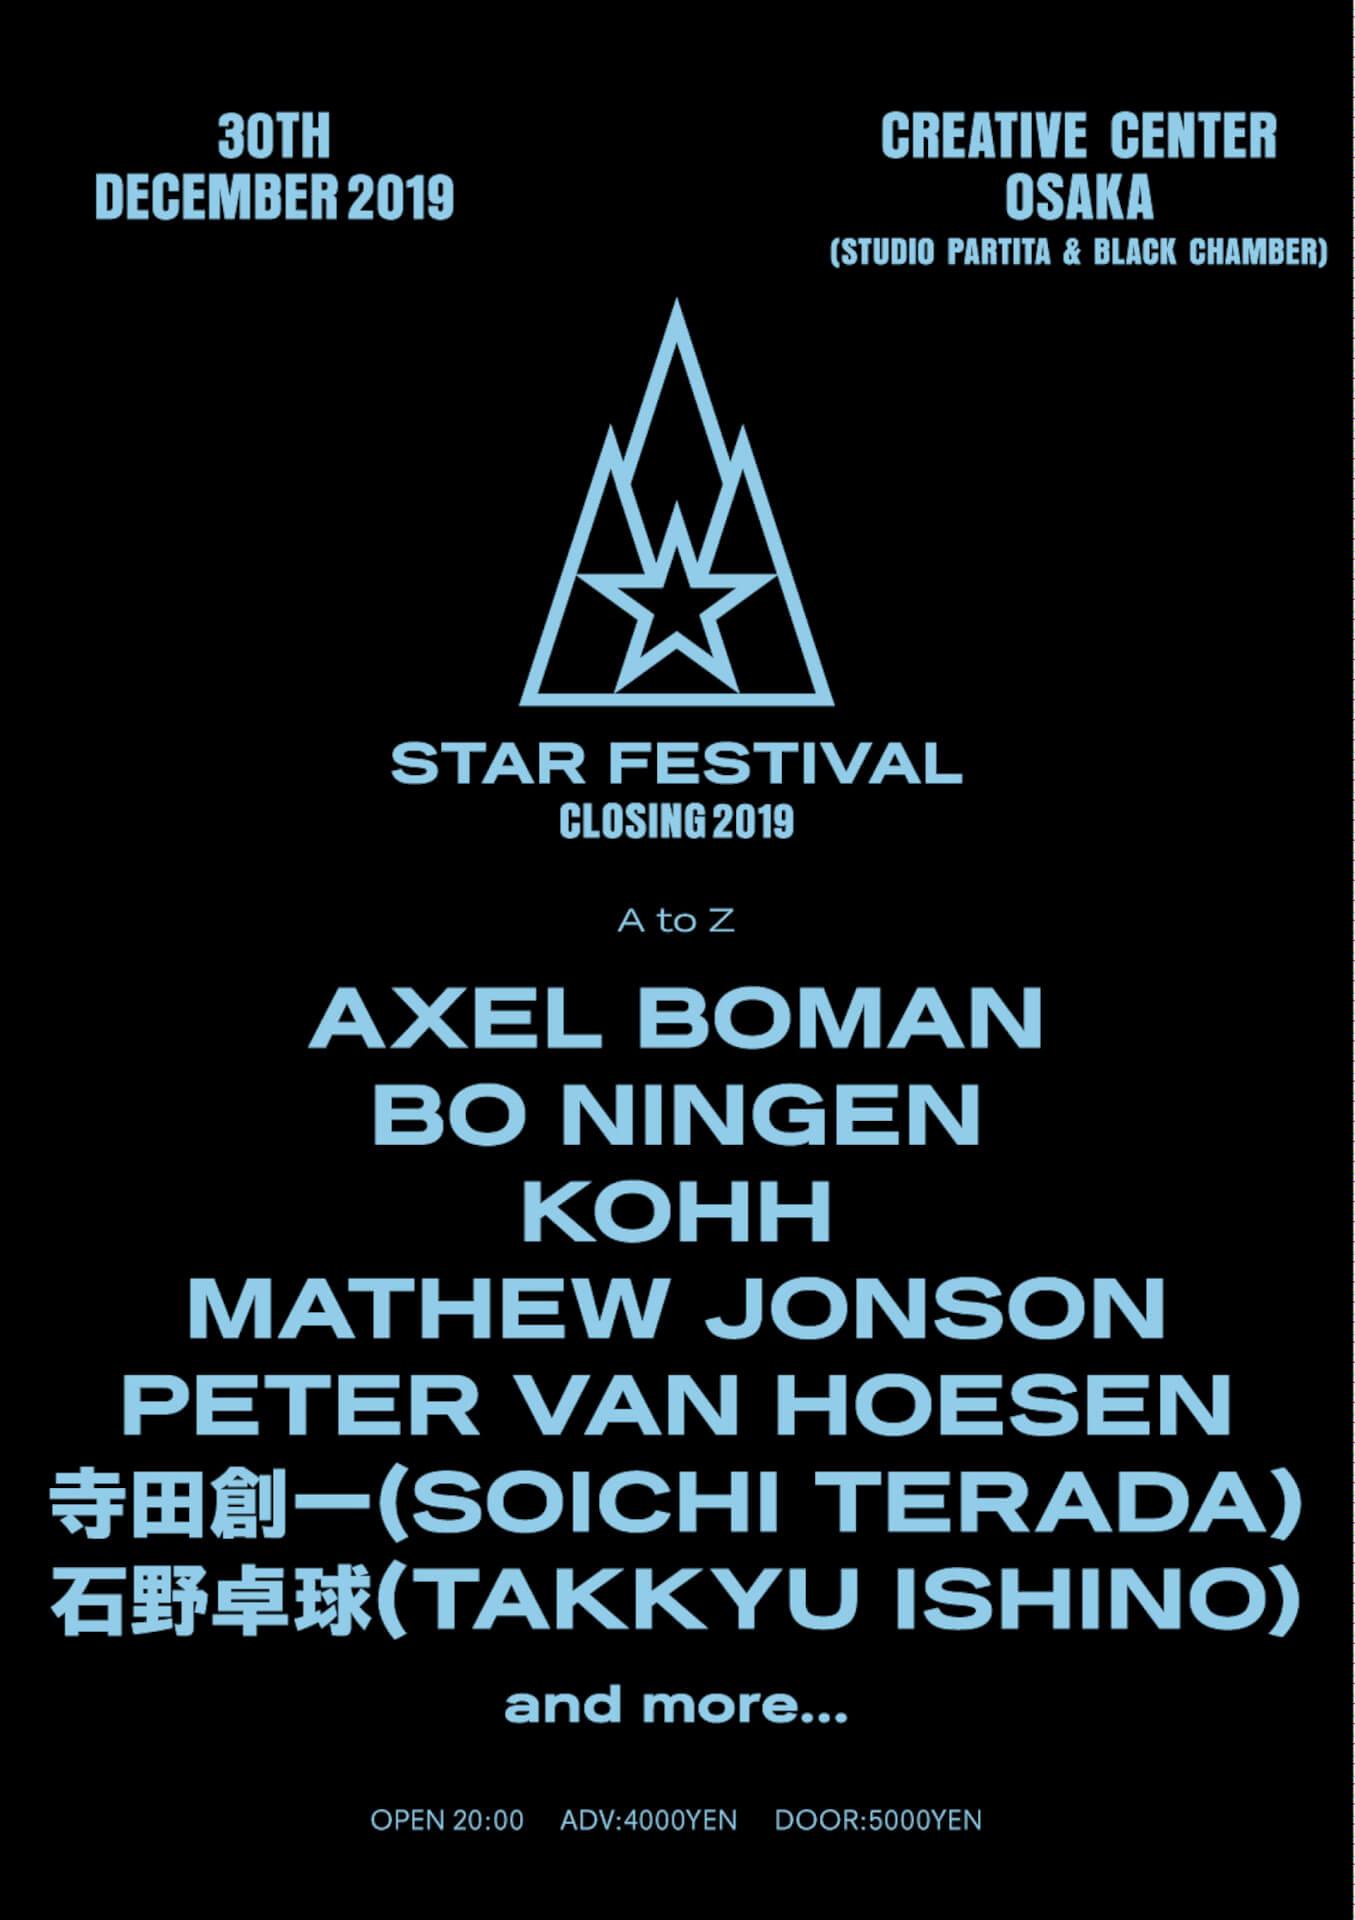 今年も<STAR FESTIVAL CLOSING>が開催決定!第1弾ラインナップにAXEL BOMAN、BO NINGEN、KOHH、石野卓球 music191118_starfestival_8